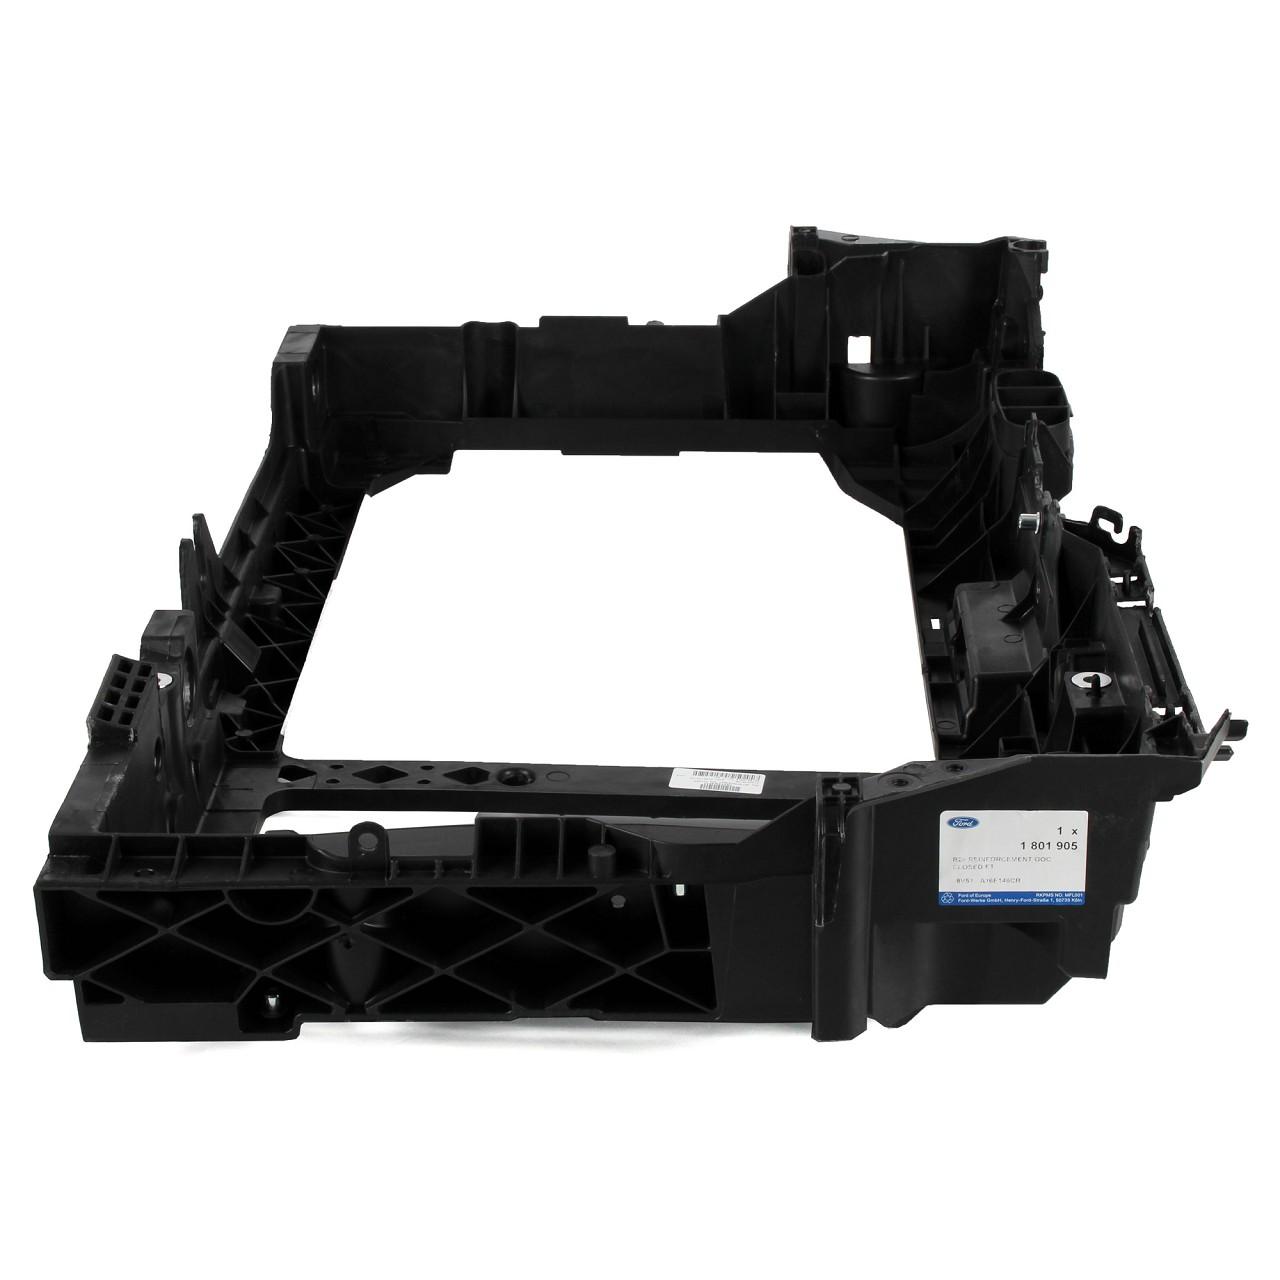 ORIGINAL Ford Frontmaske Frontgerüst FIESTA VI (CB1 CCN) MK6 1801905